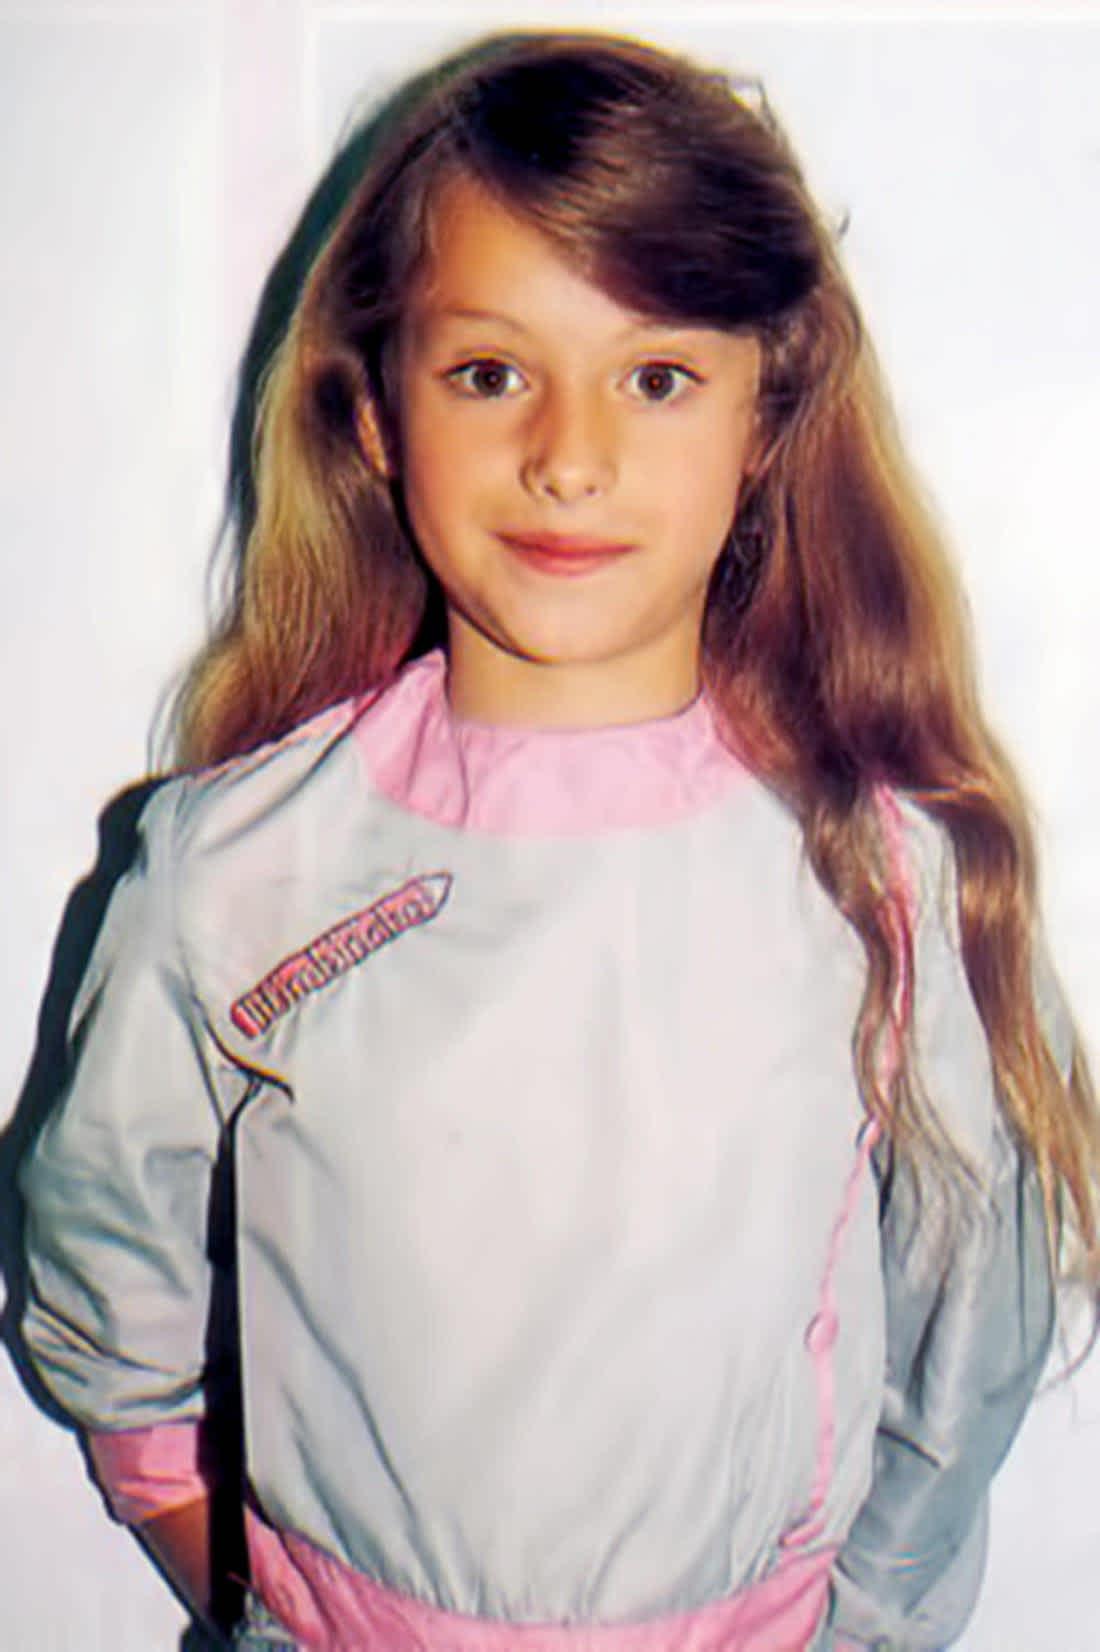 Desde su nacimiento Paulina estaba destinada a la fama.